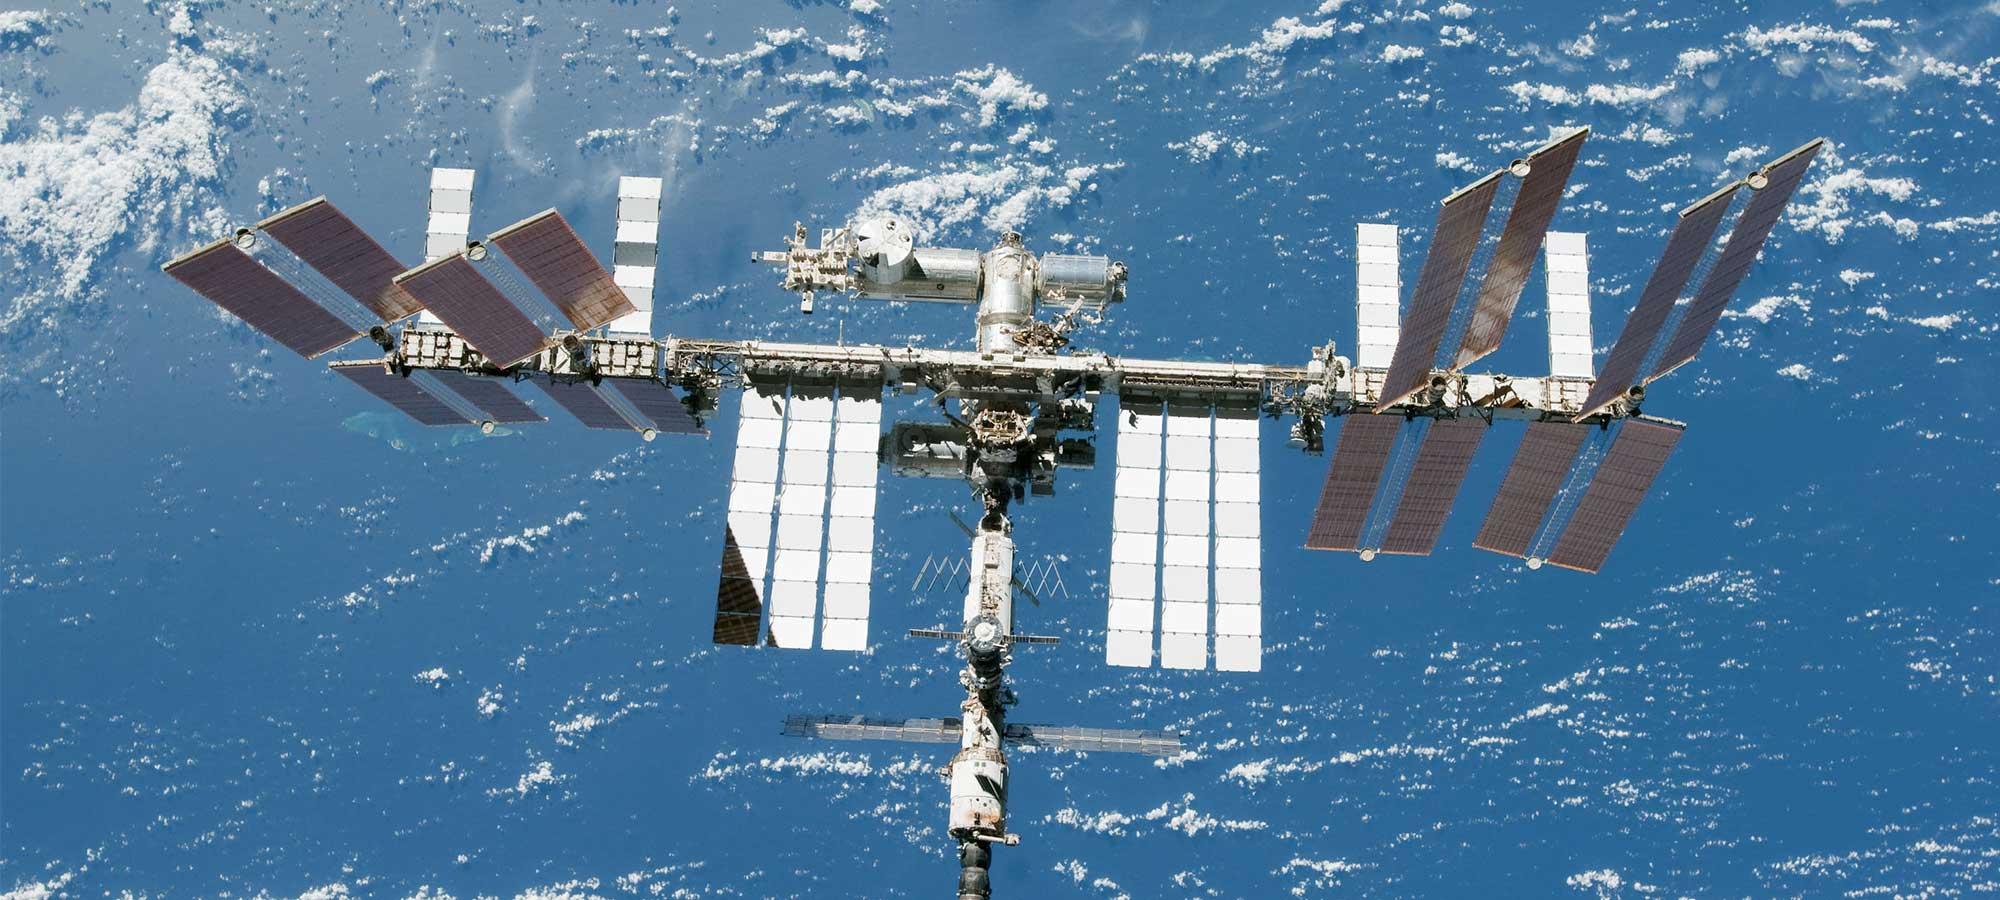 Utbildningsmaterial om Internationella rymdstationen